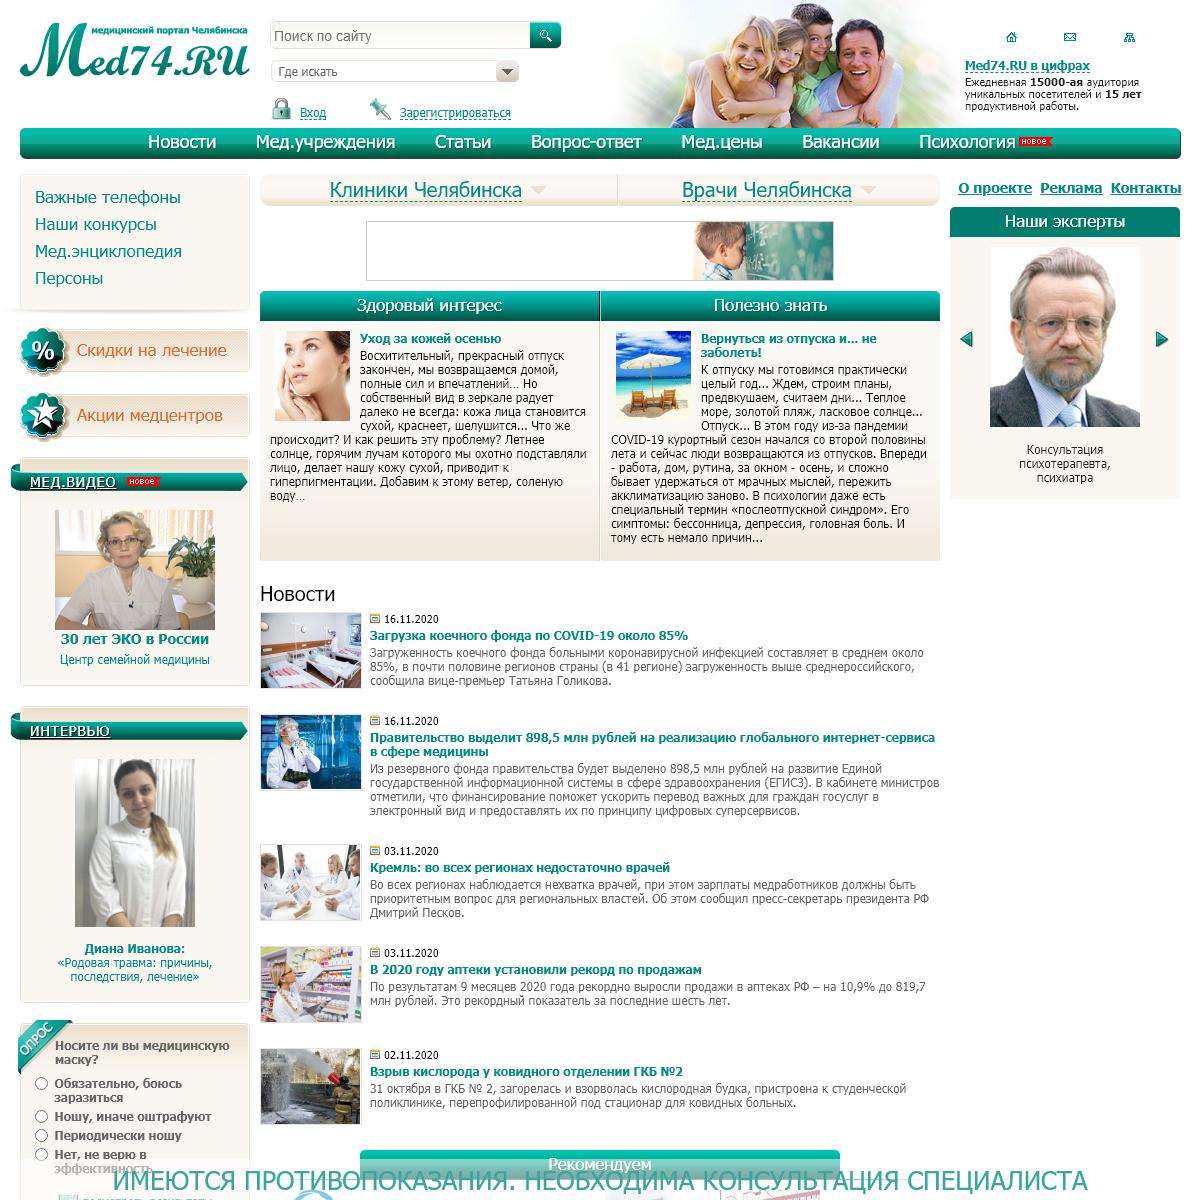 Медицина Челябинска - консультации врачей, медцентры и клиники